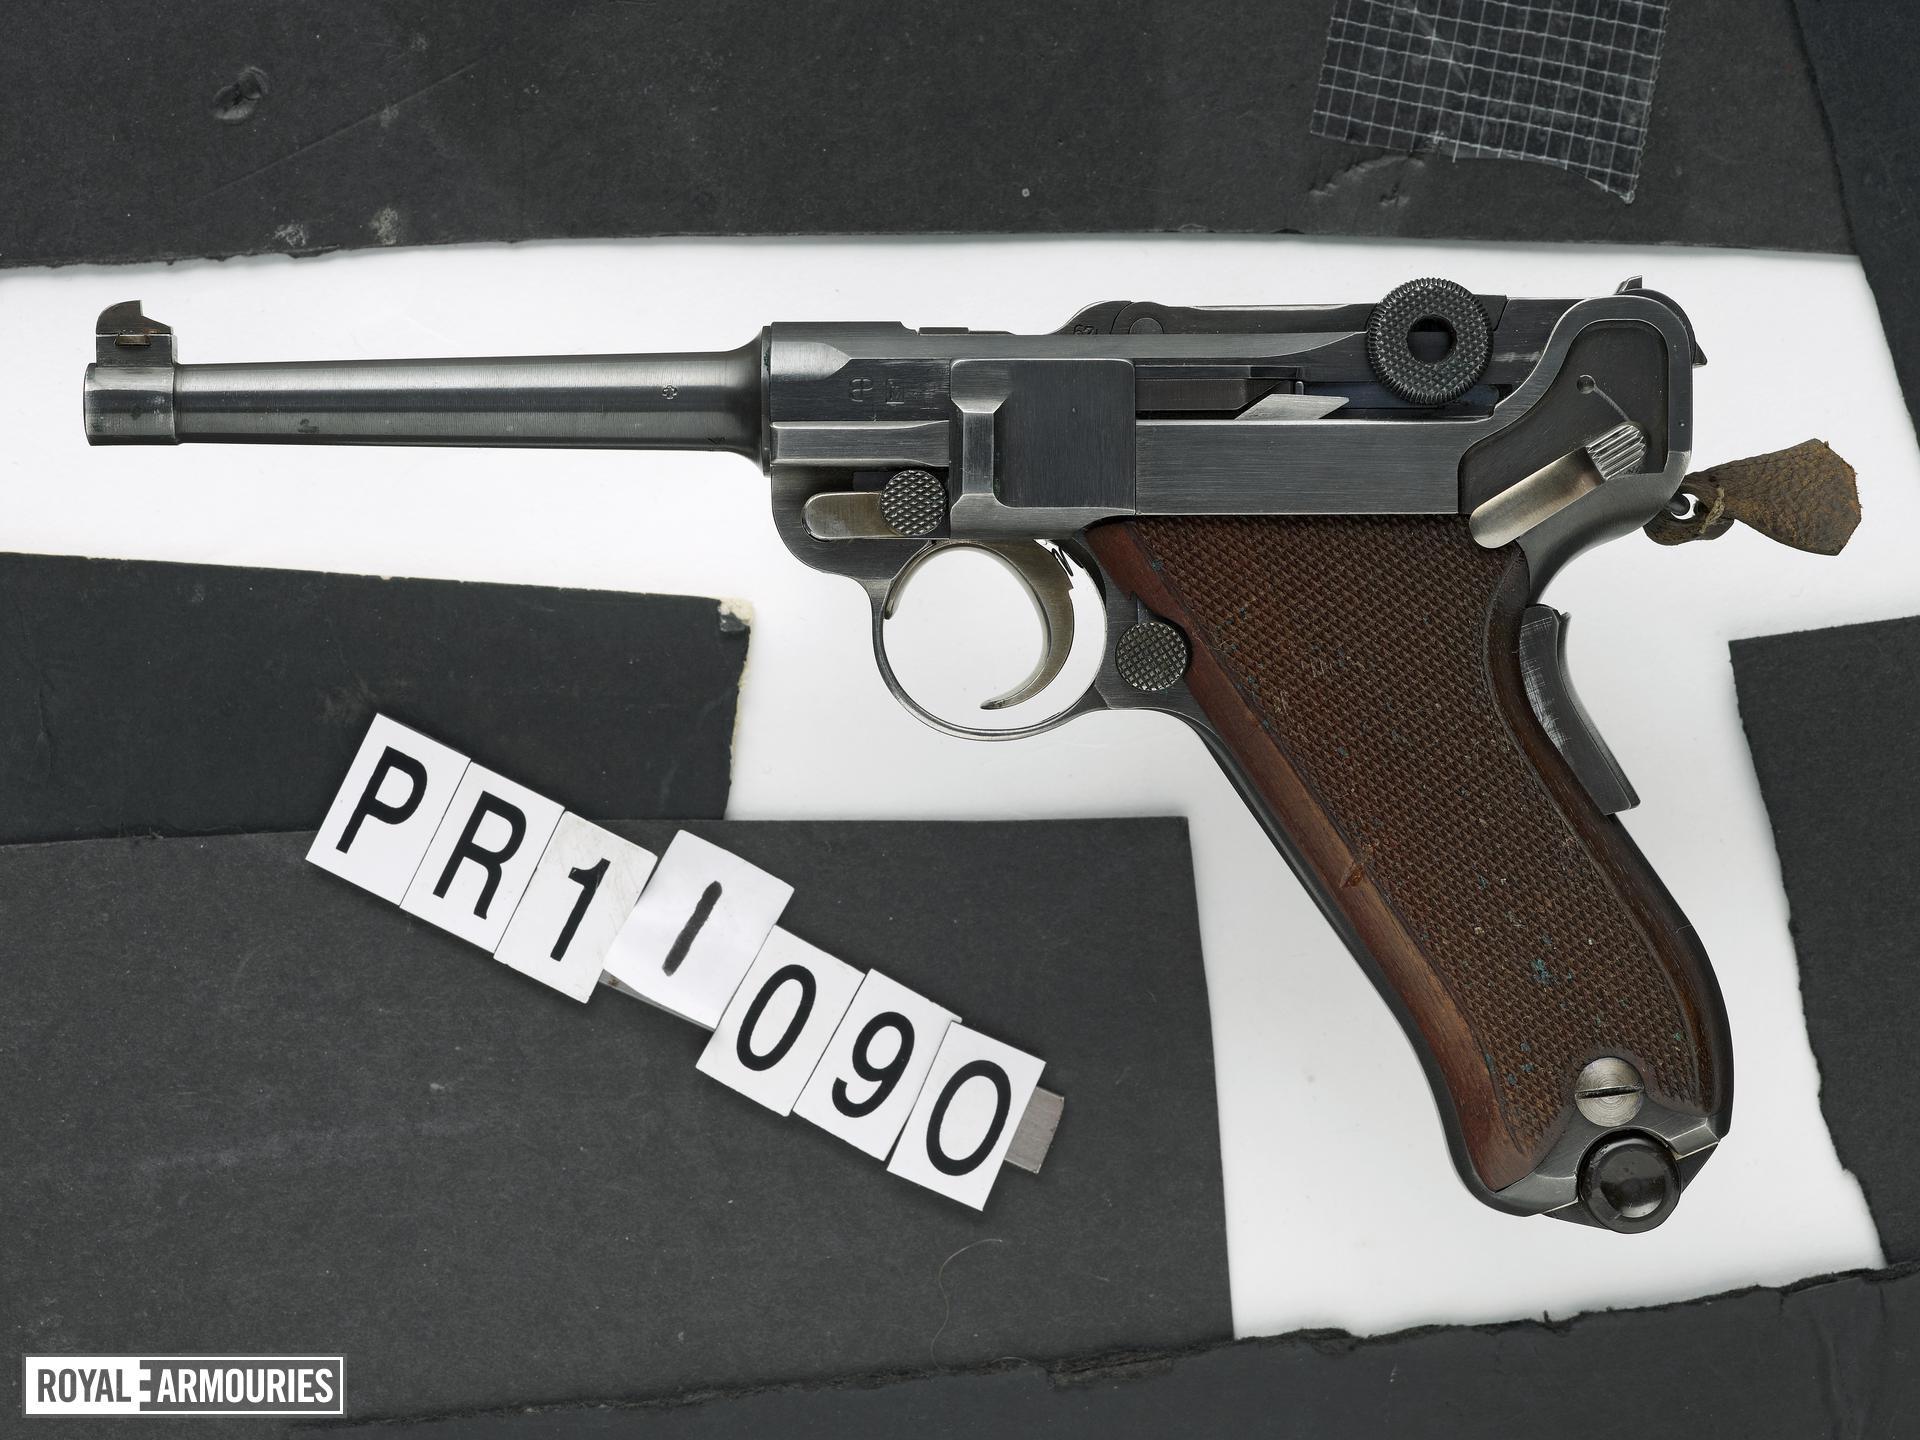 Centrefire self-loading pistol - Luger Model 1906